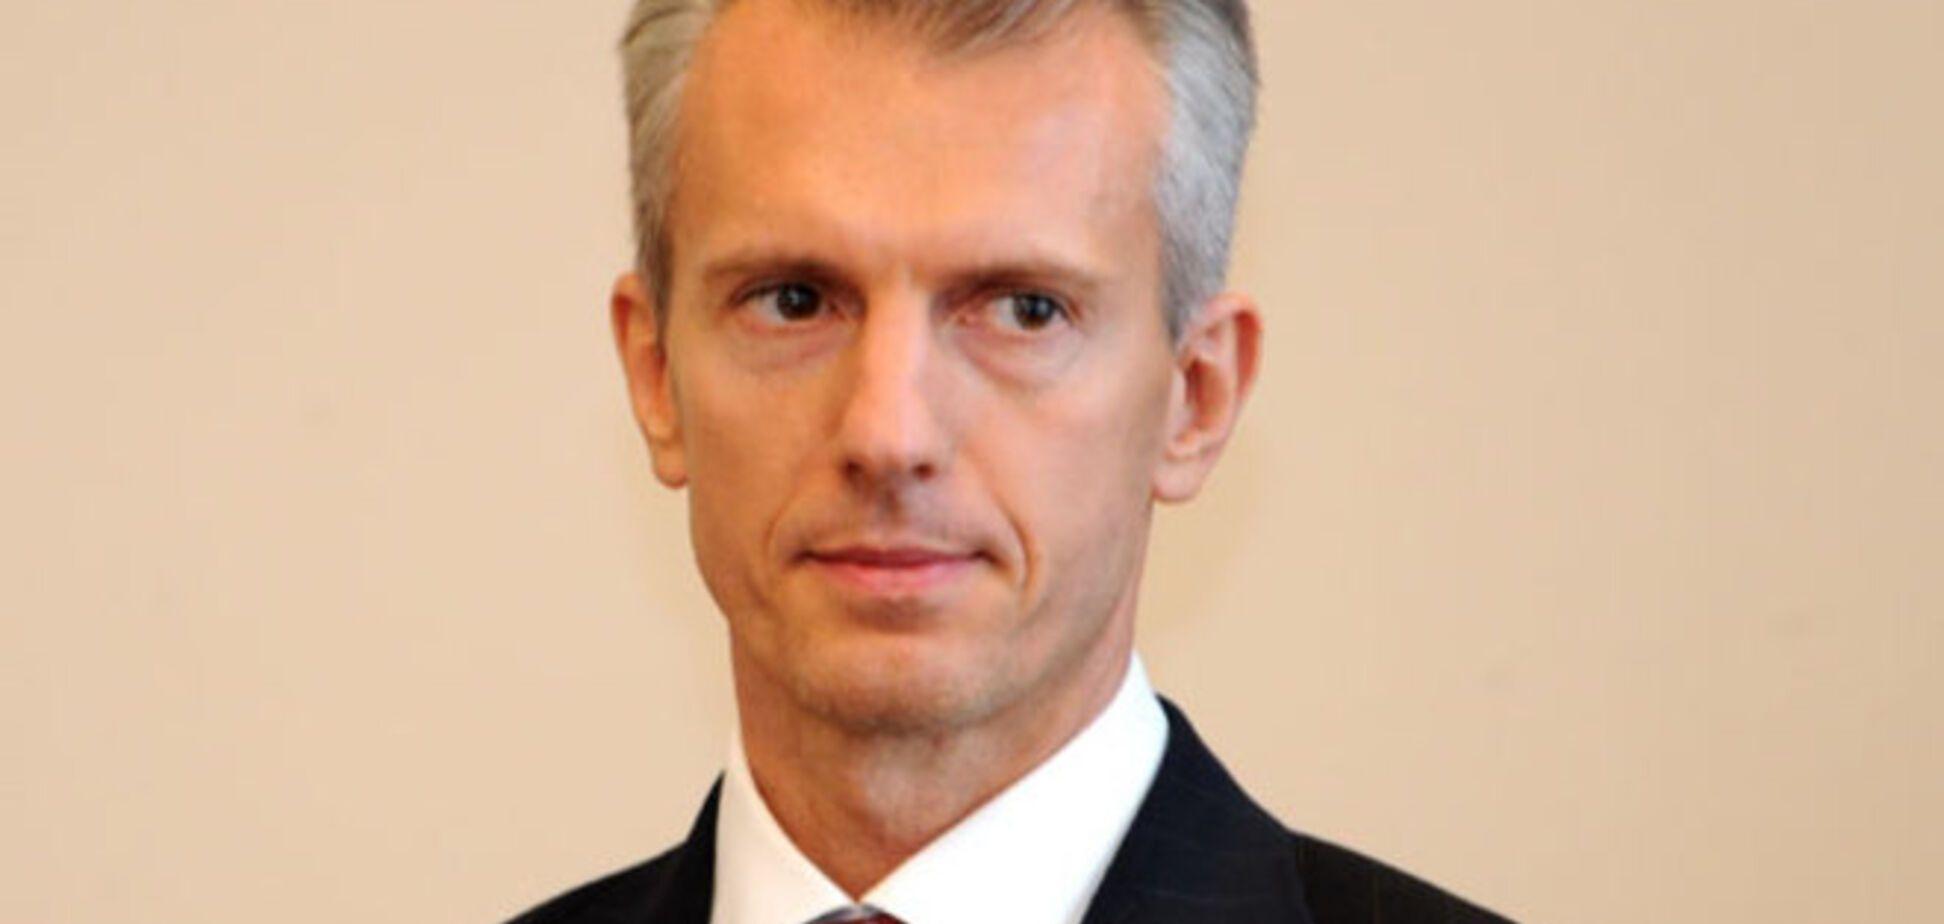 Хорошковский: крайне важно, чтобы прокуратура не оставалась исполнителем воли главы государства